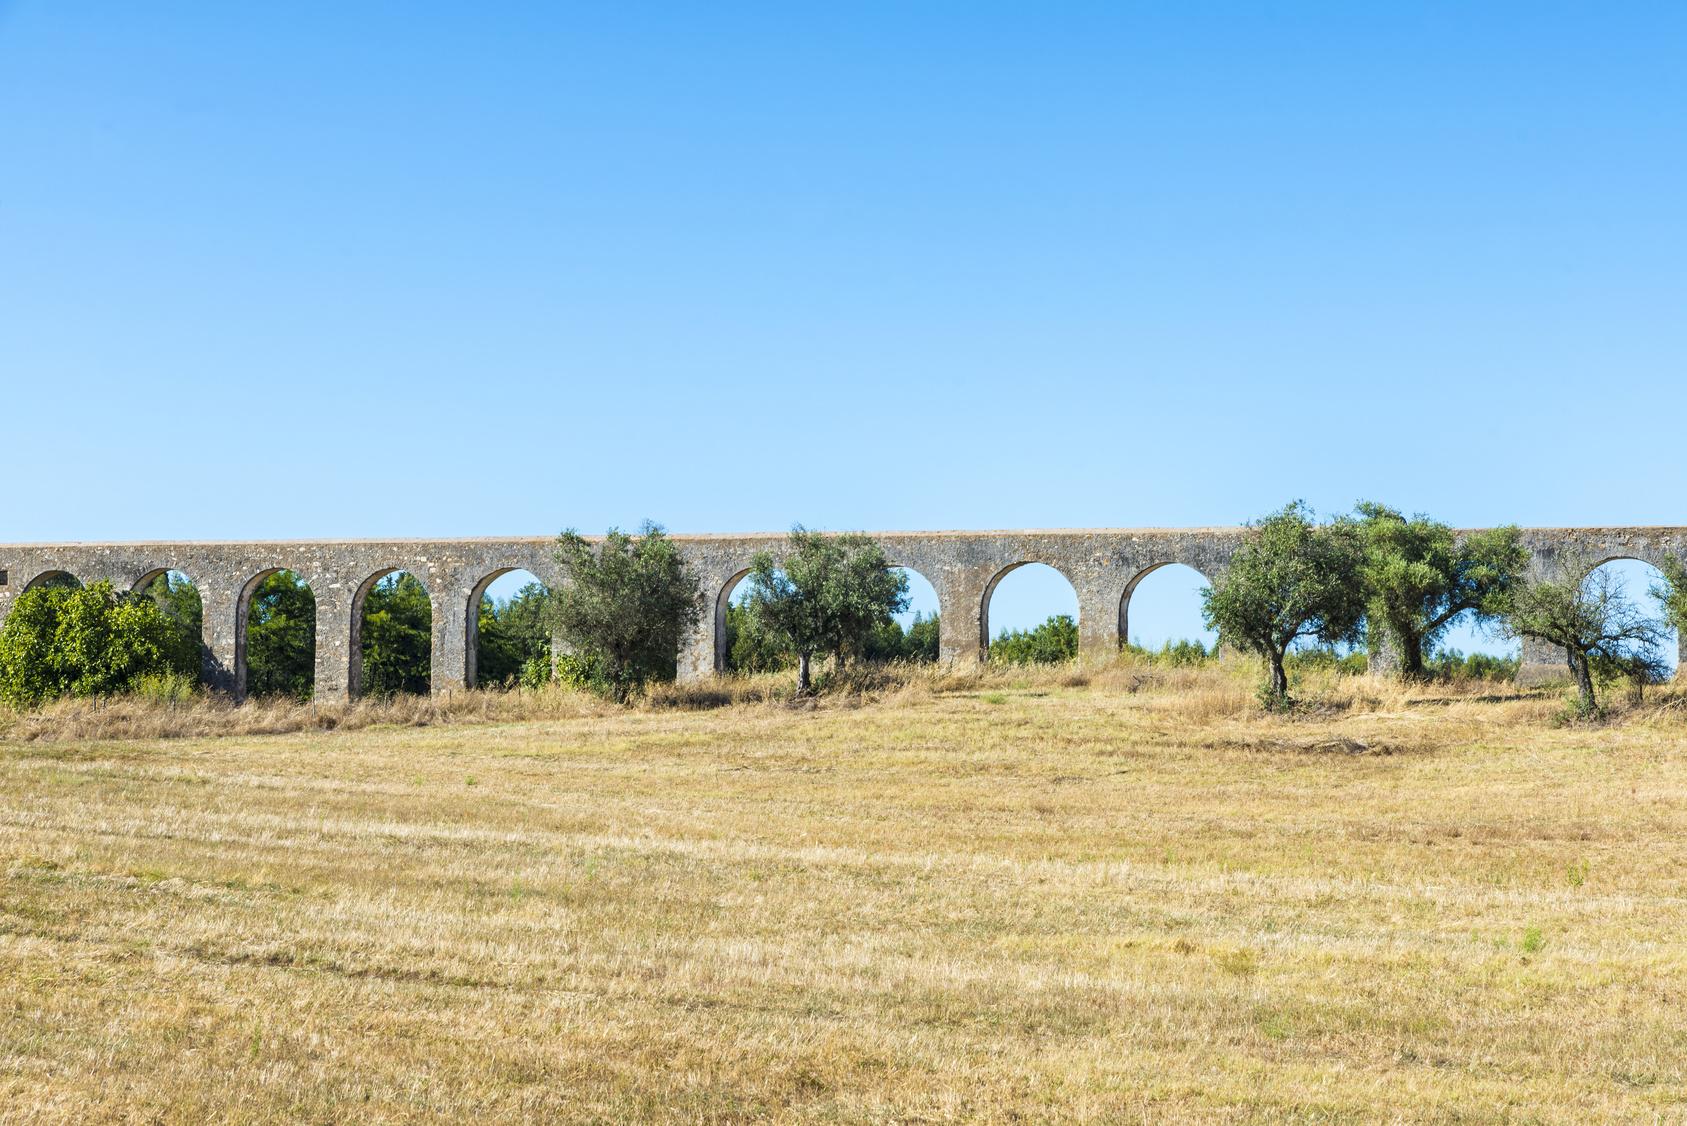 Roman aqueduct in Evora